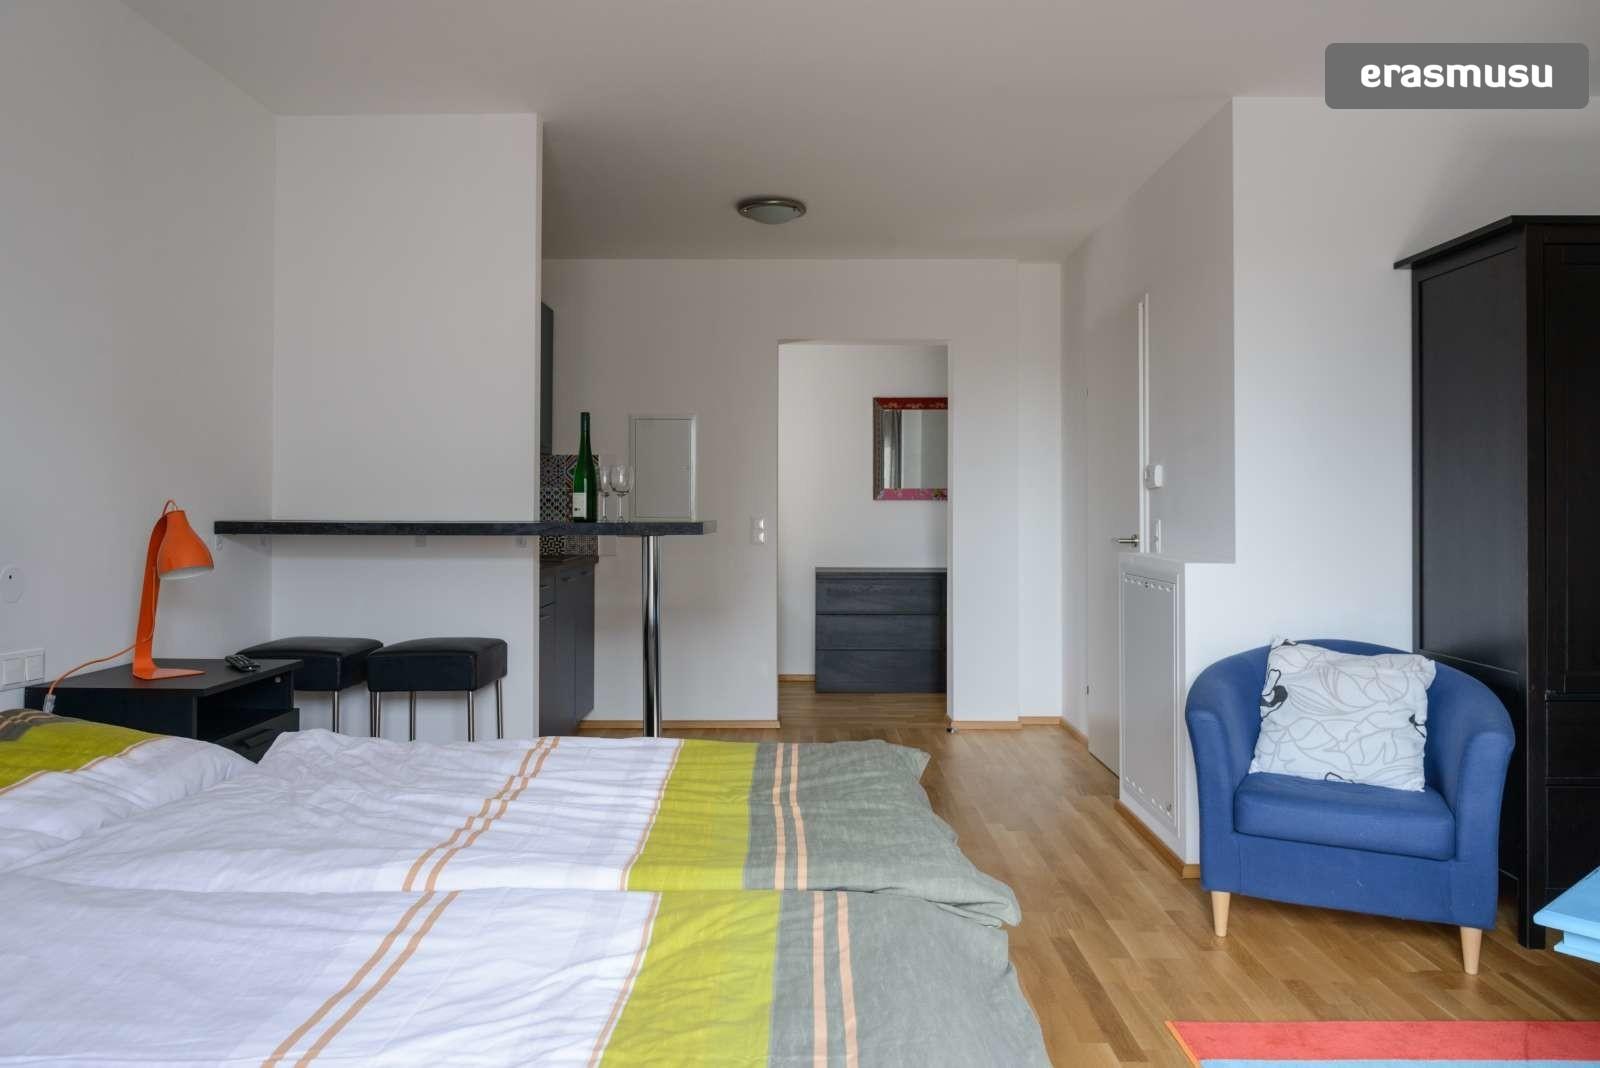 spacious-studio-apartment-rent-aspern-area-donaustadt-d1f3266229